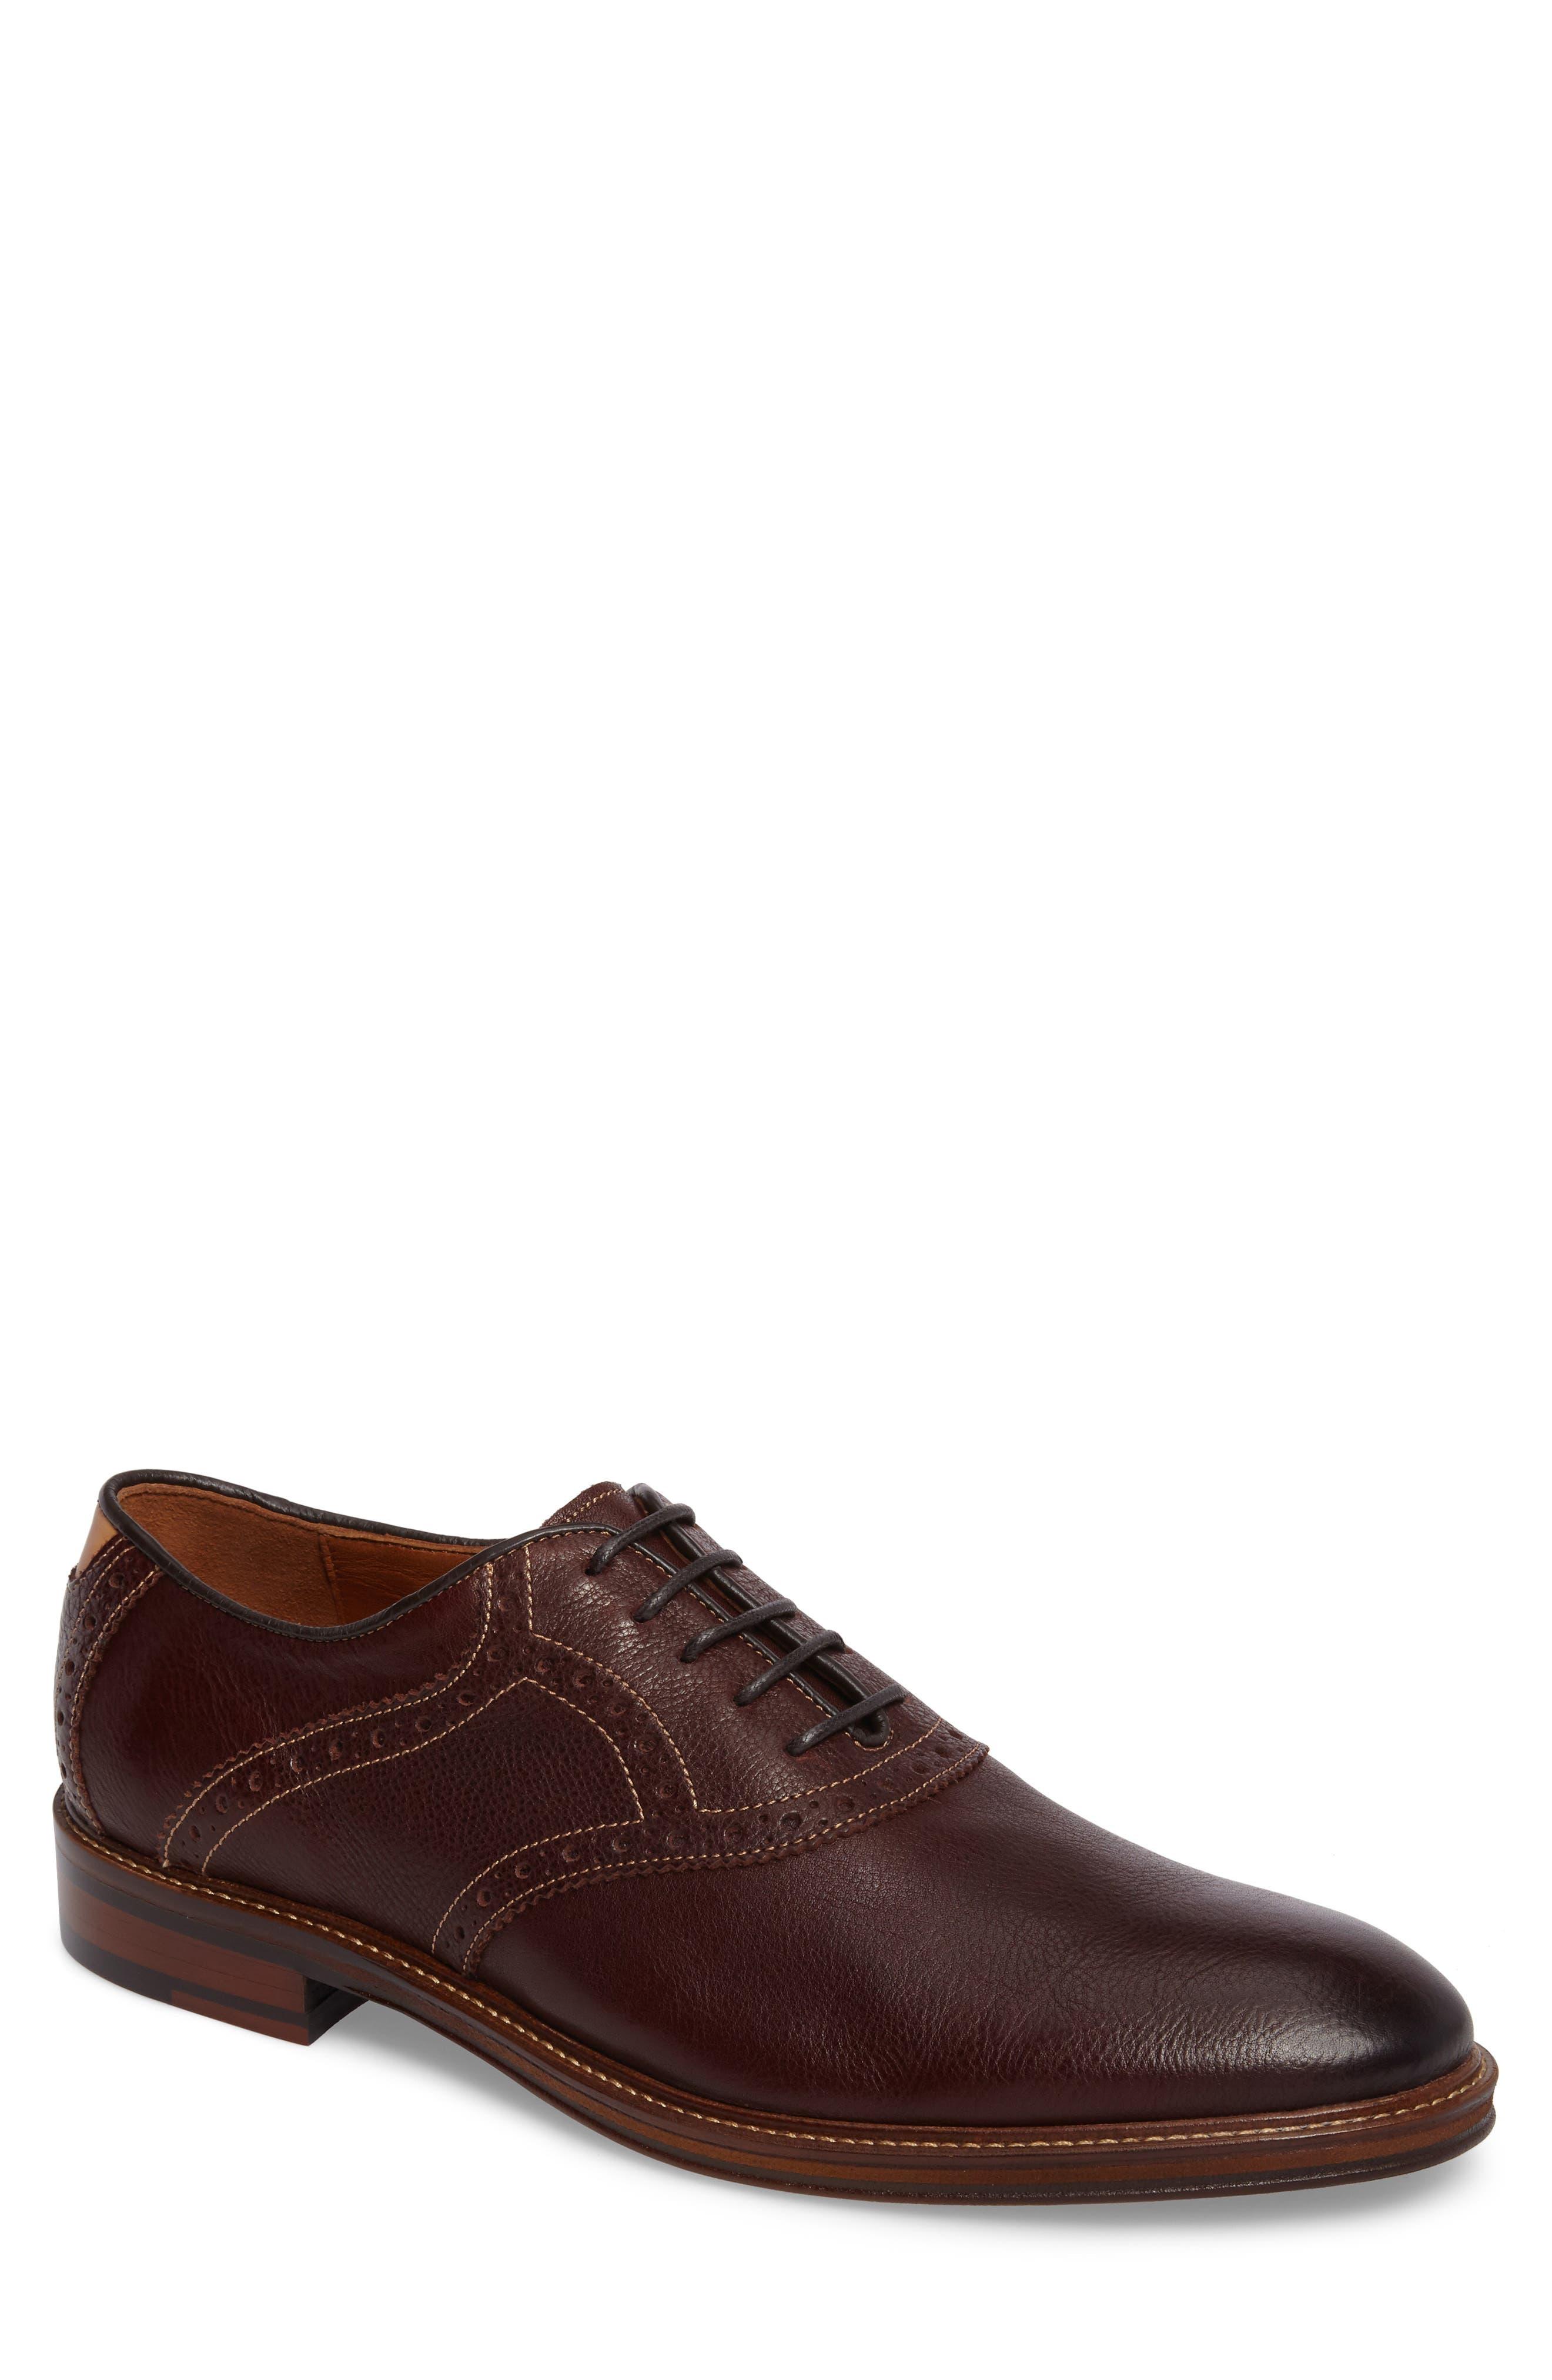 Main Image - Johnston & Murphy Warner Saddle Shoe (Men)